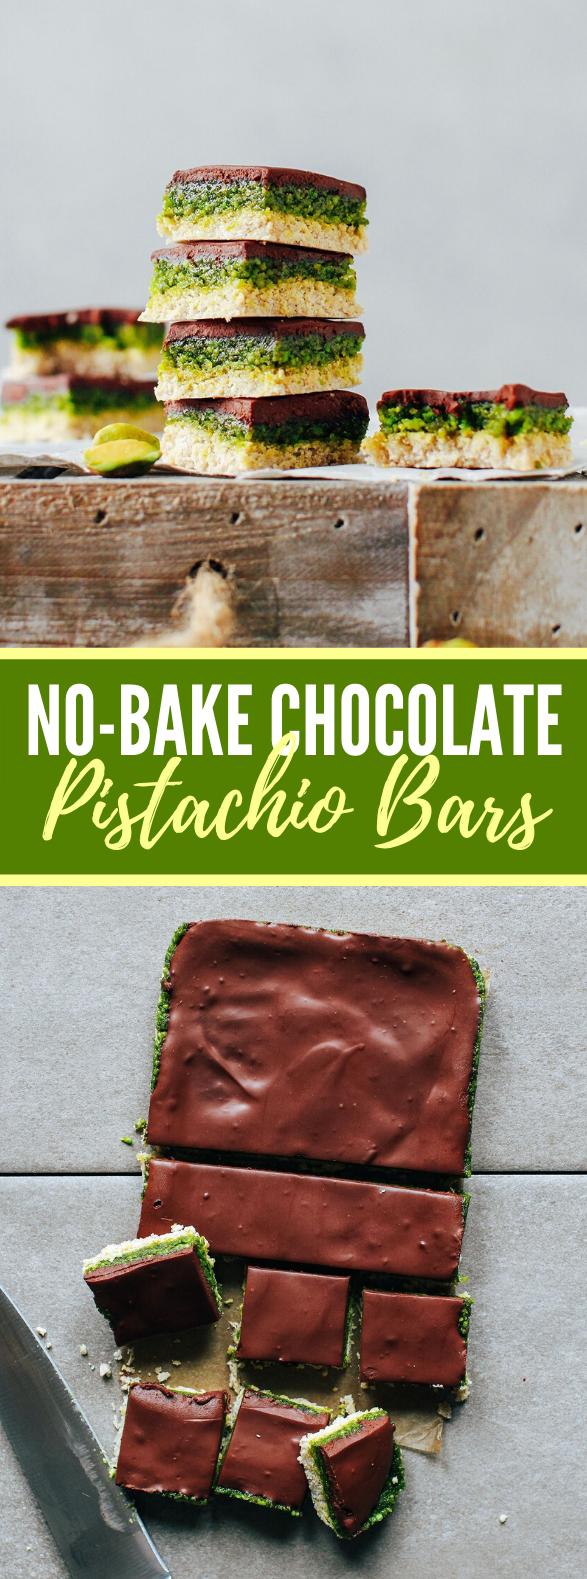 No-Bake Chocolate Pistachio Bars #dessert #healthy #bars #nobake #chocolate